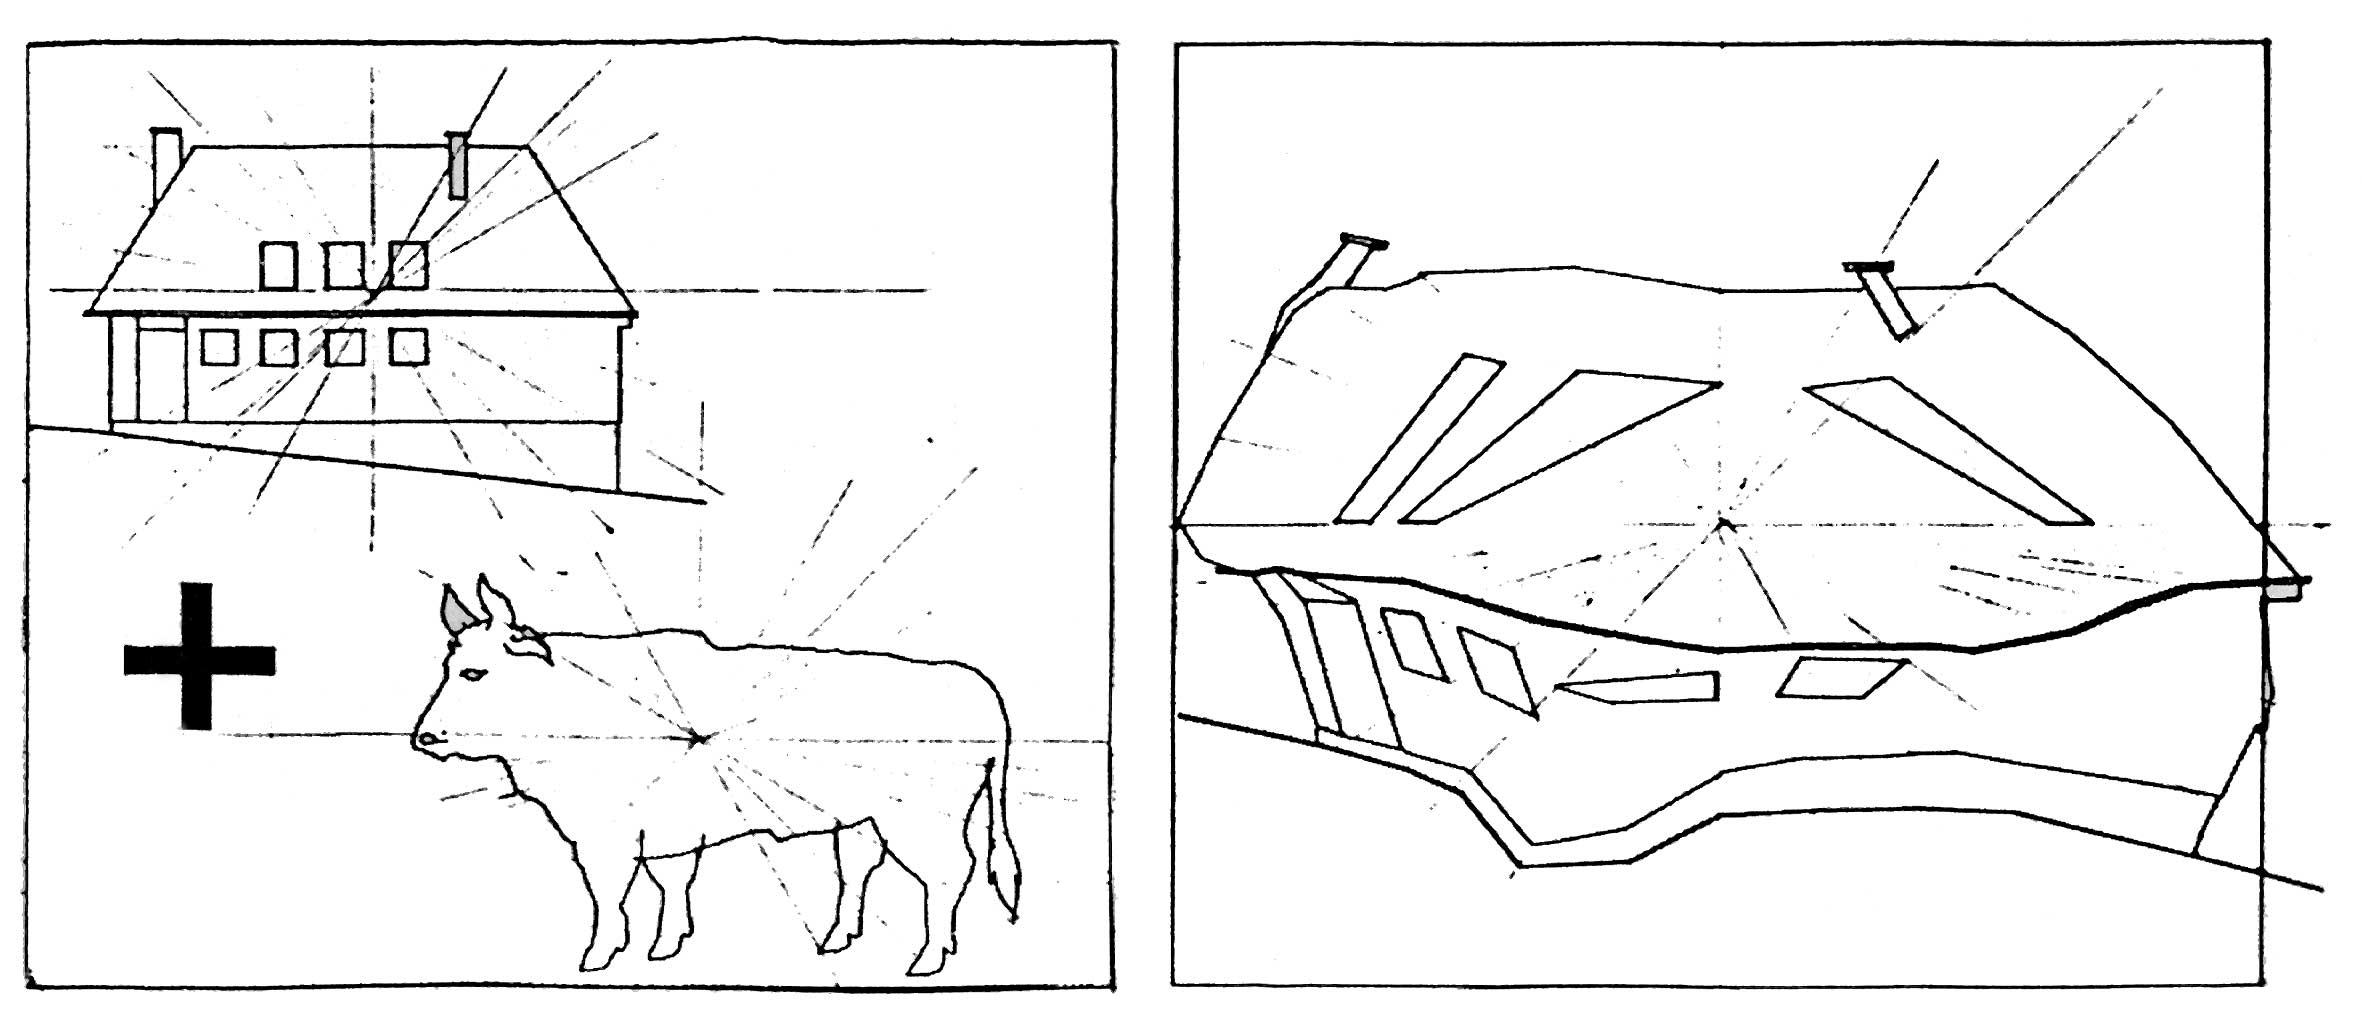 Plottegg: ARCHITEKTUR ALGORITHMEN